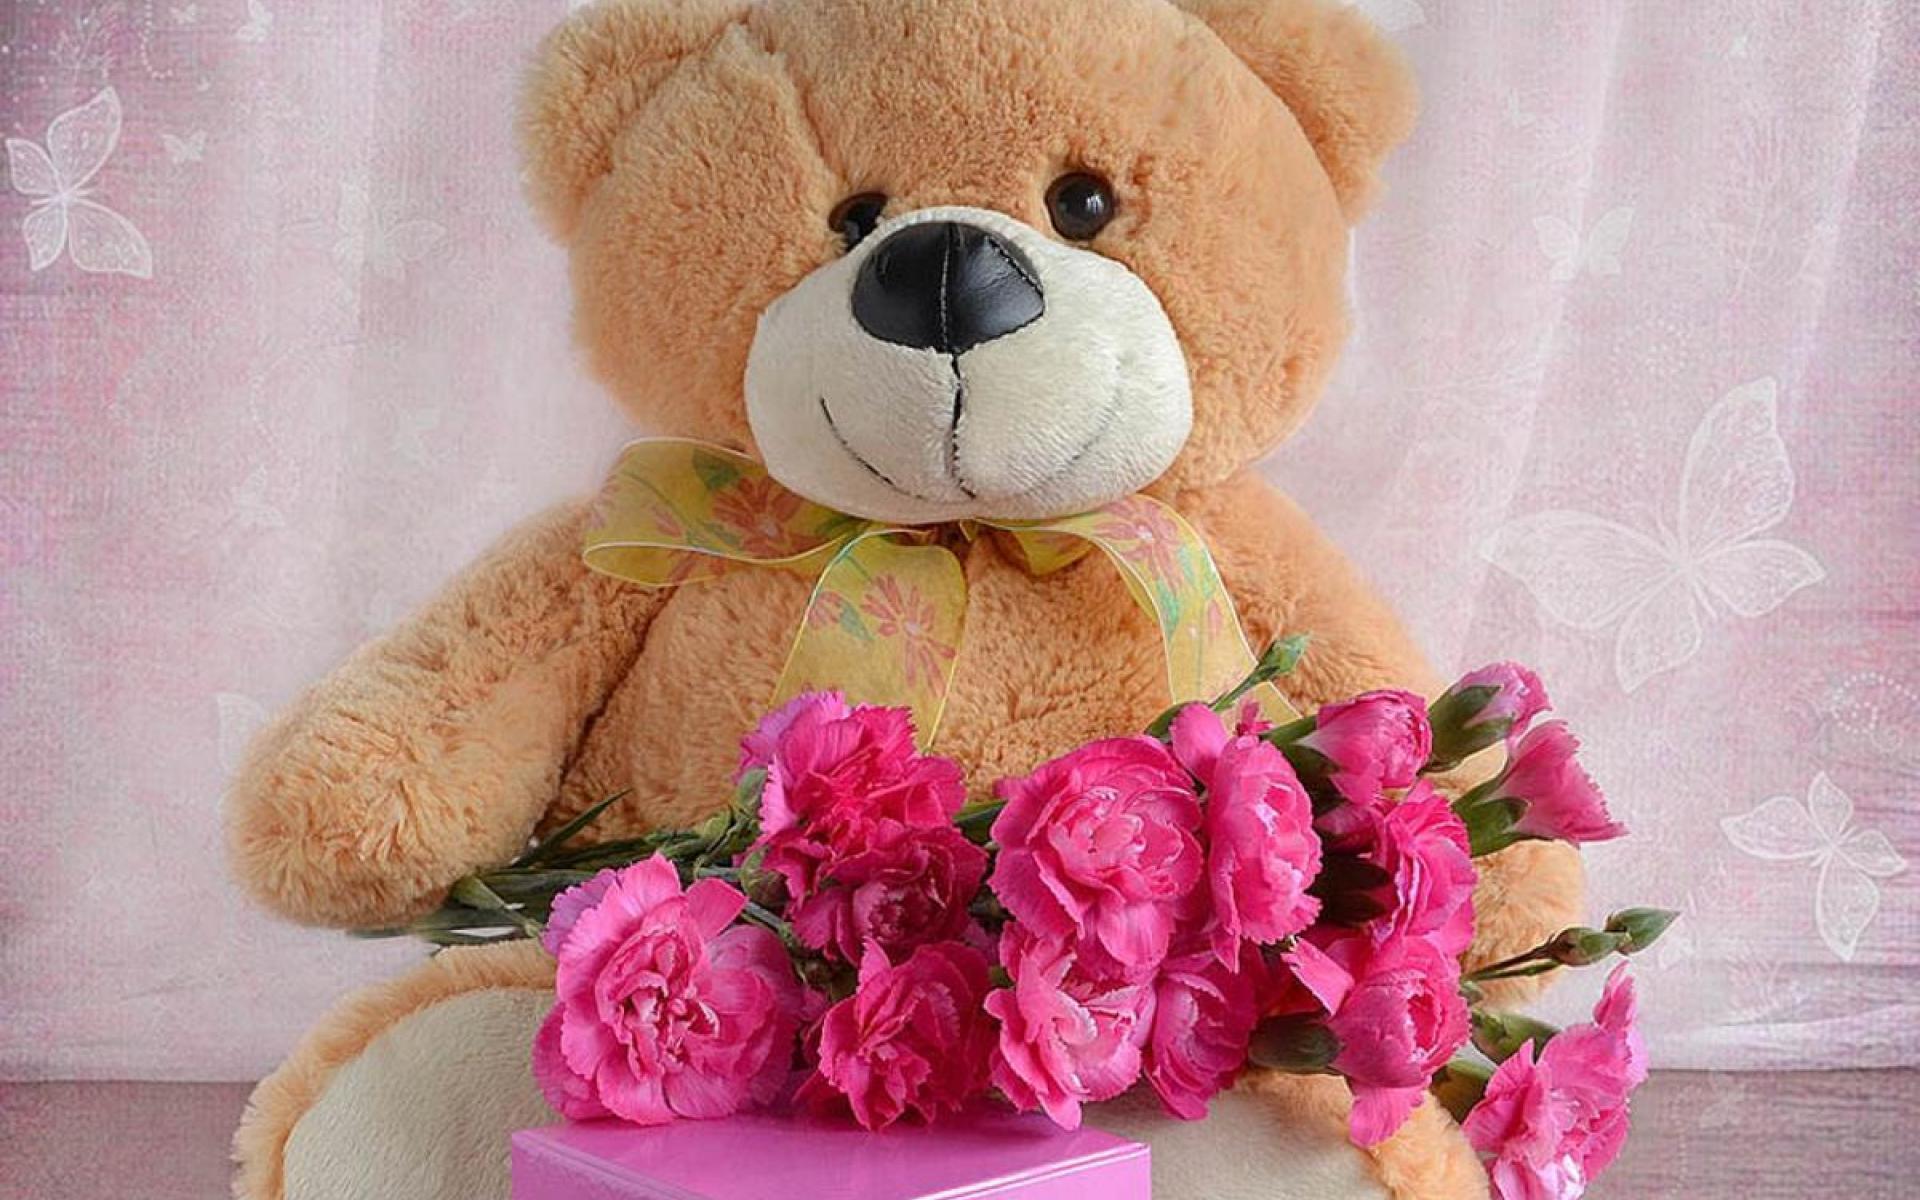 Поздравления с днем рождения картинки с мишкой, цветов для раскрашивания